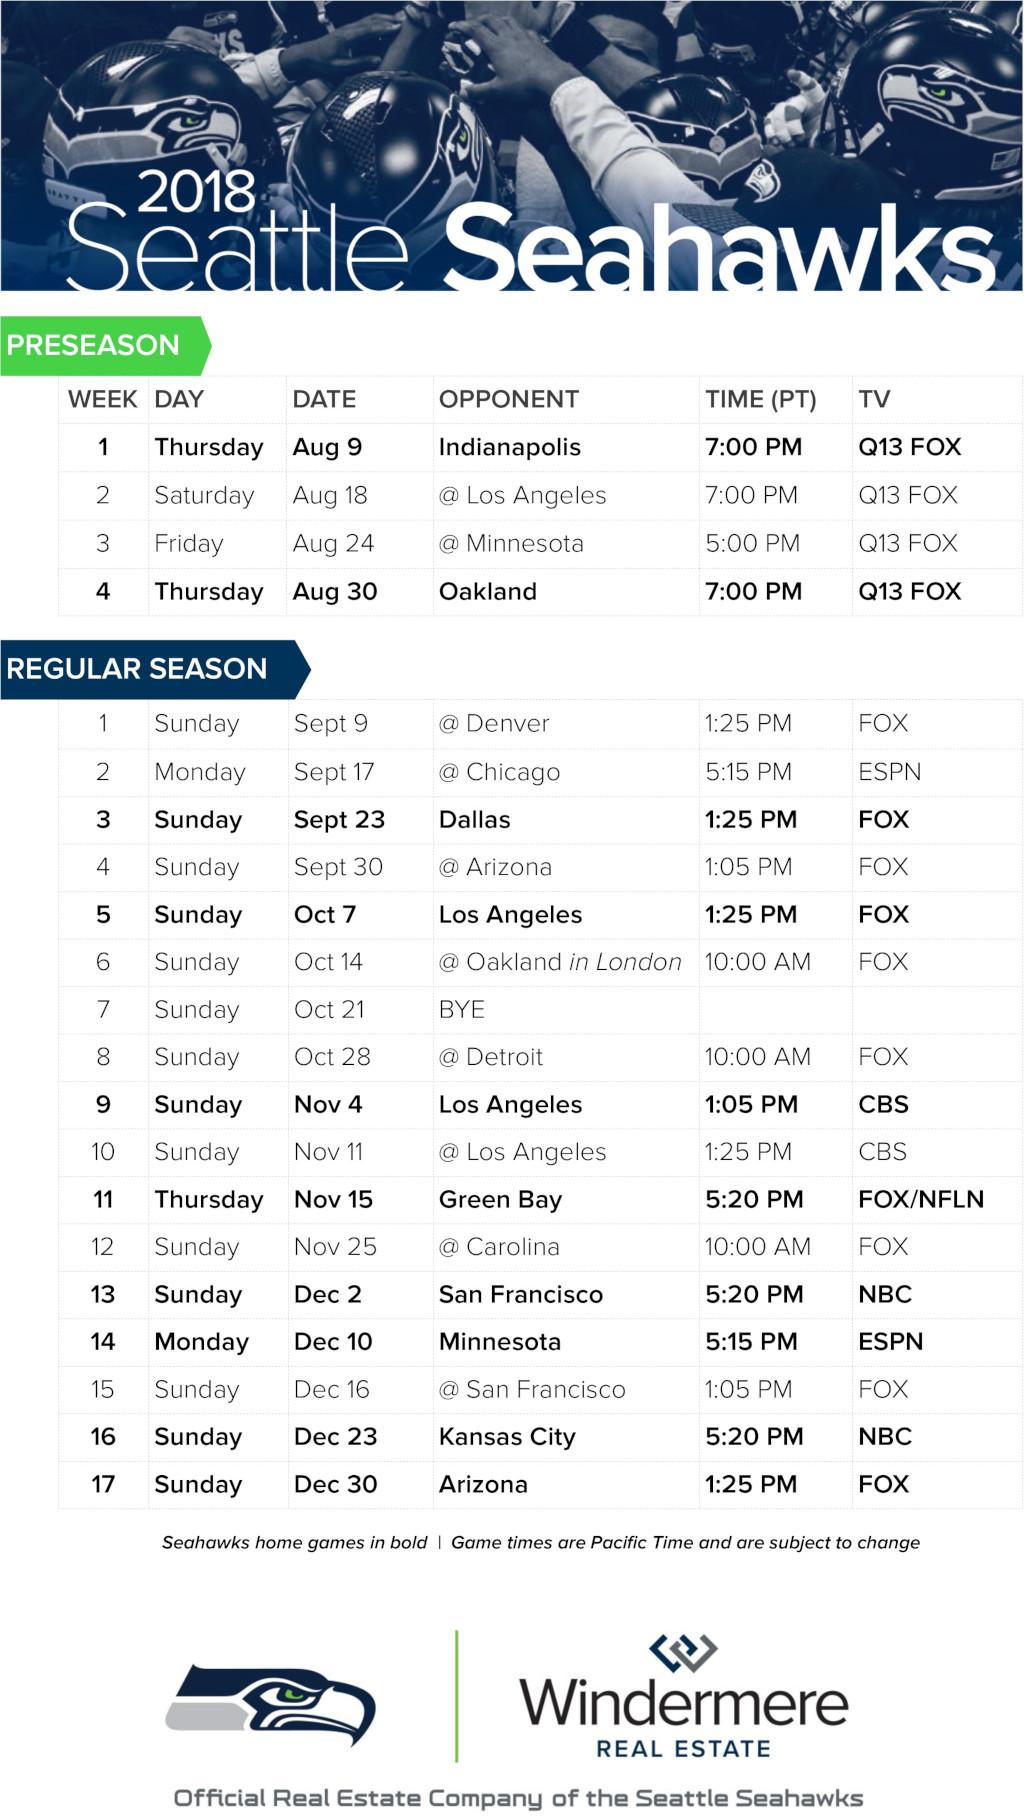 2-Seahawks-Schedule.jpg